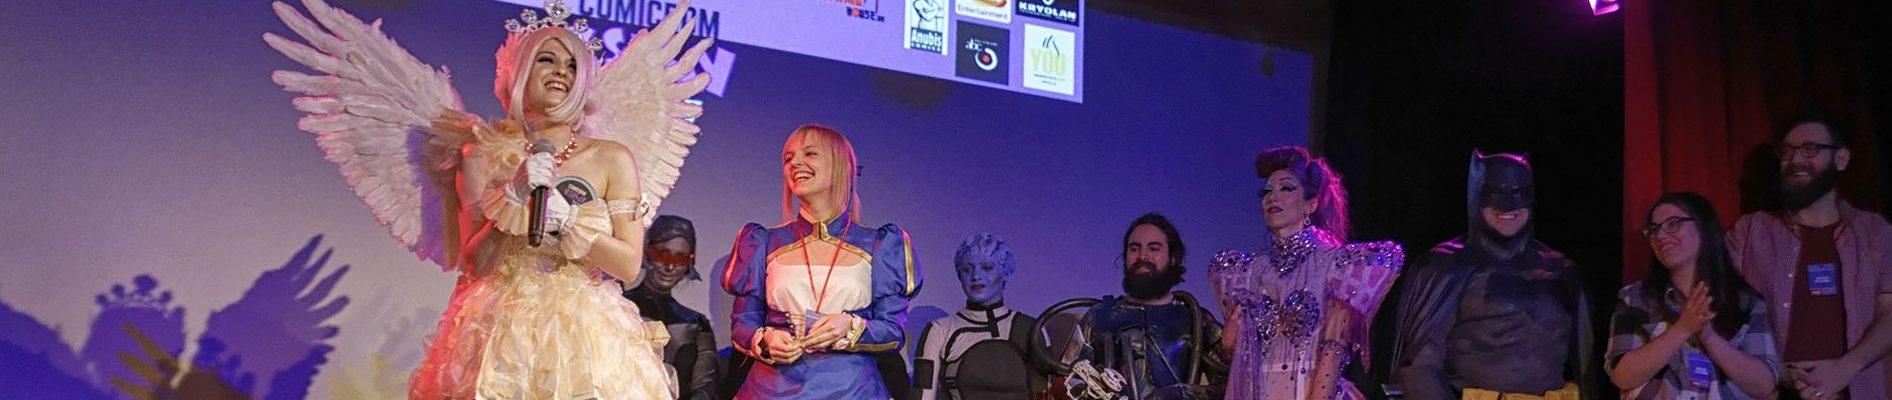 Comicdom Cosplay 2017 Winners